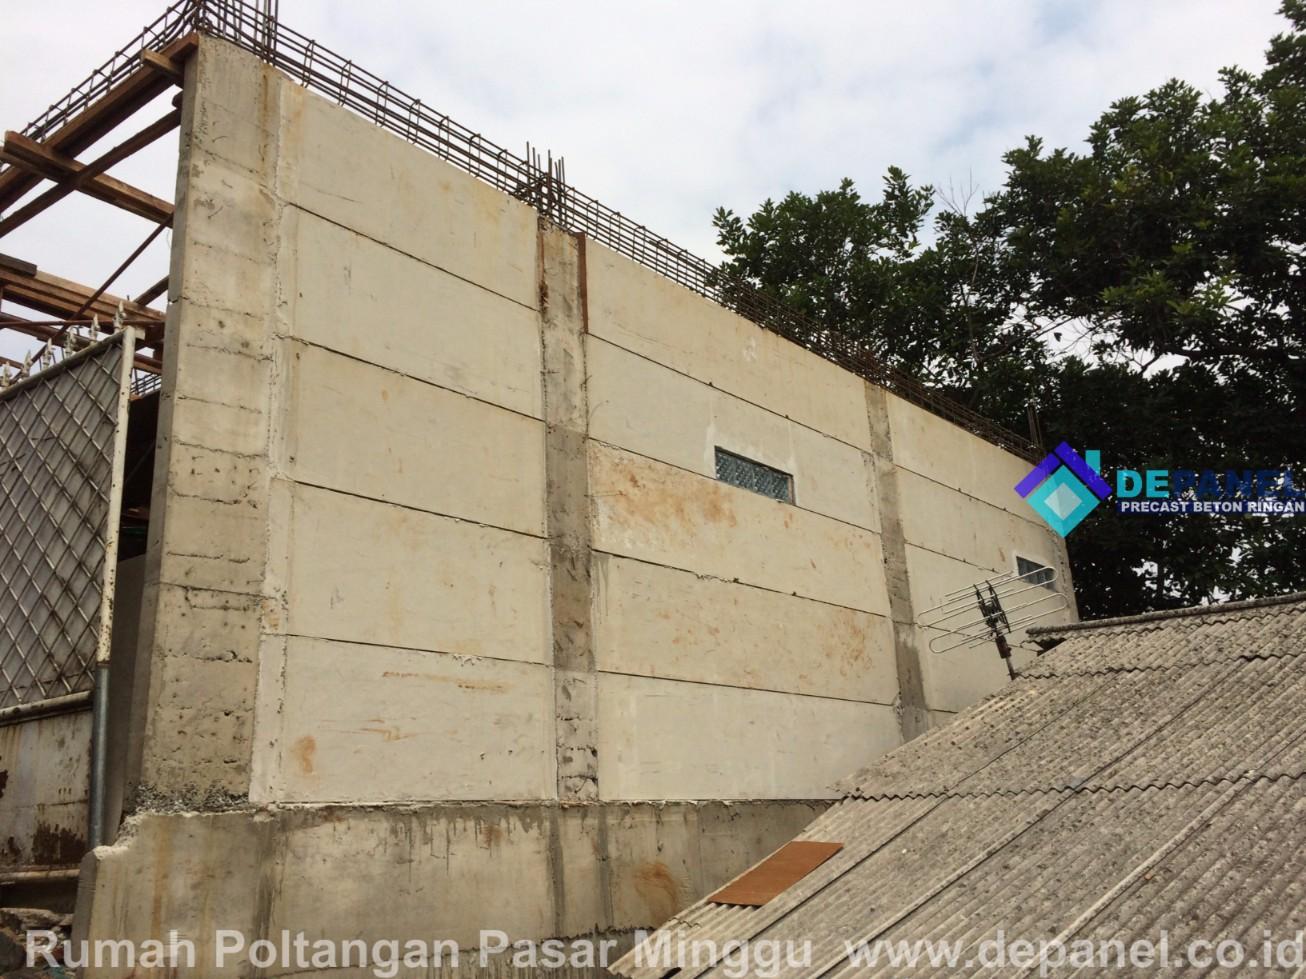 panel beton, beton ringan, depanel, panel dinding, rumah, poltangan, pasar minggu, jakarta selatan